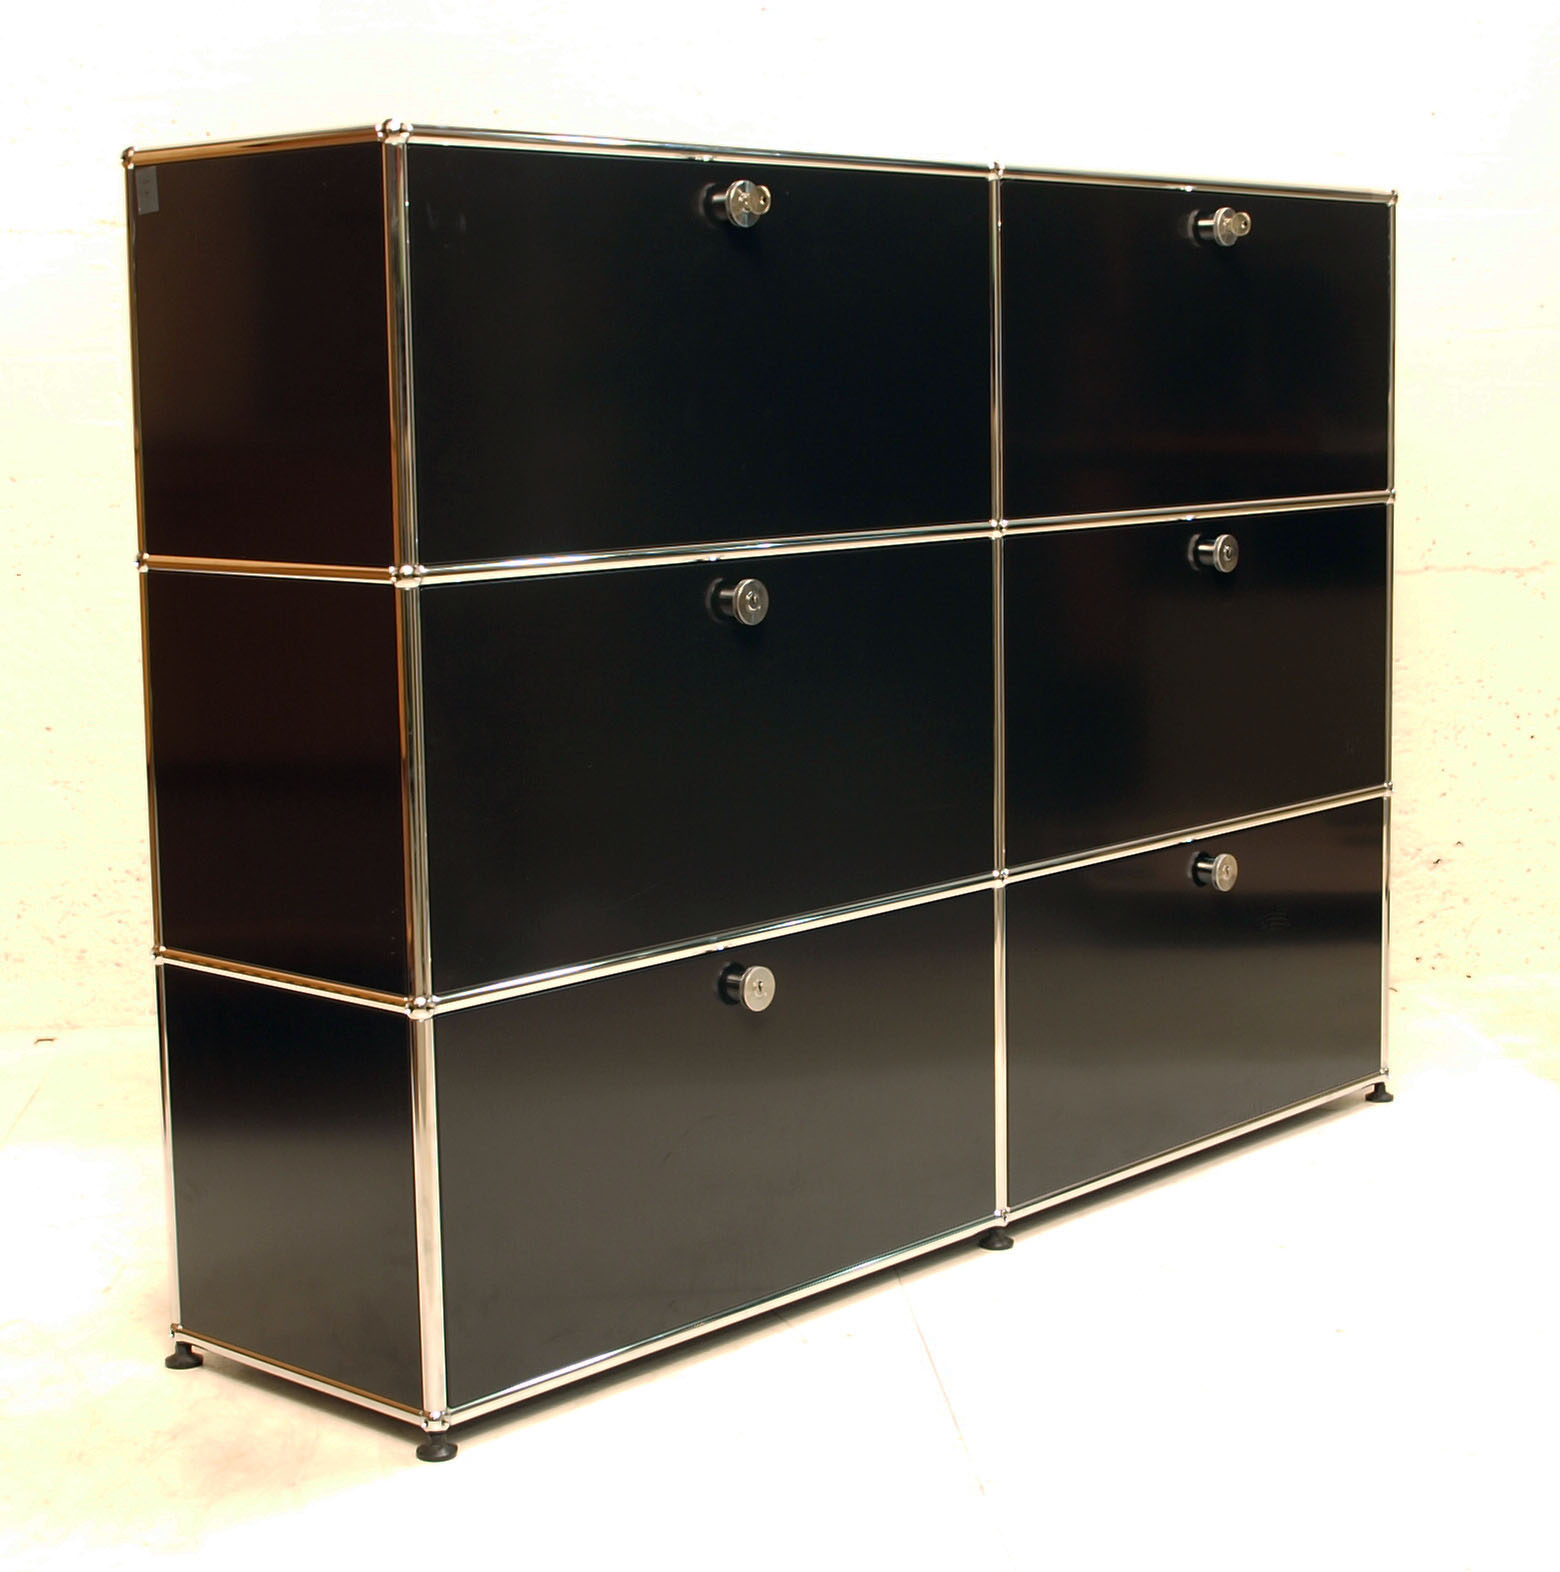 glass furniture schrank layout. Black Bedroom Furniture Sets. Home Design Ideas